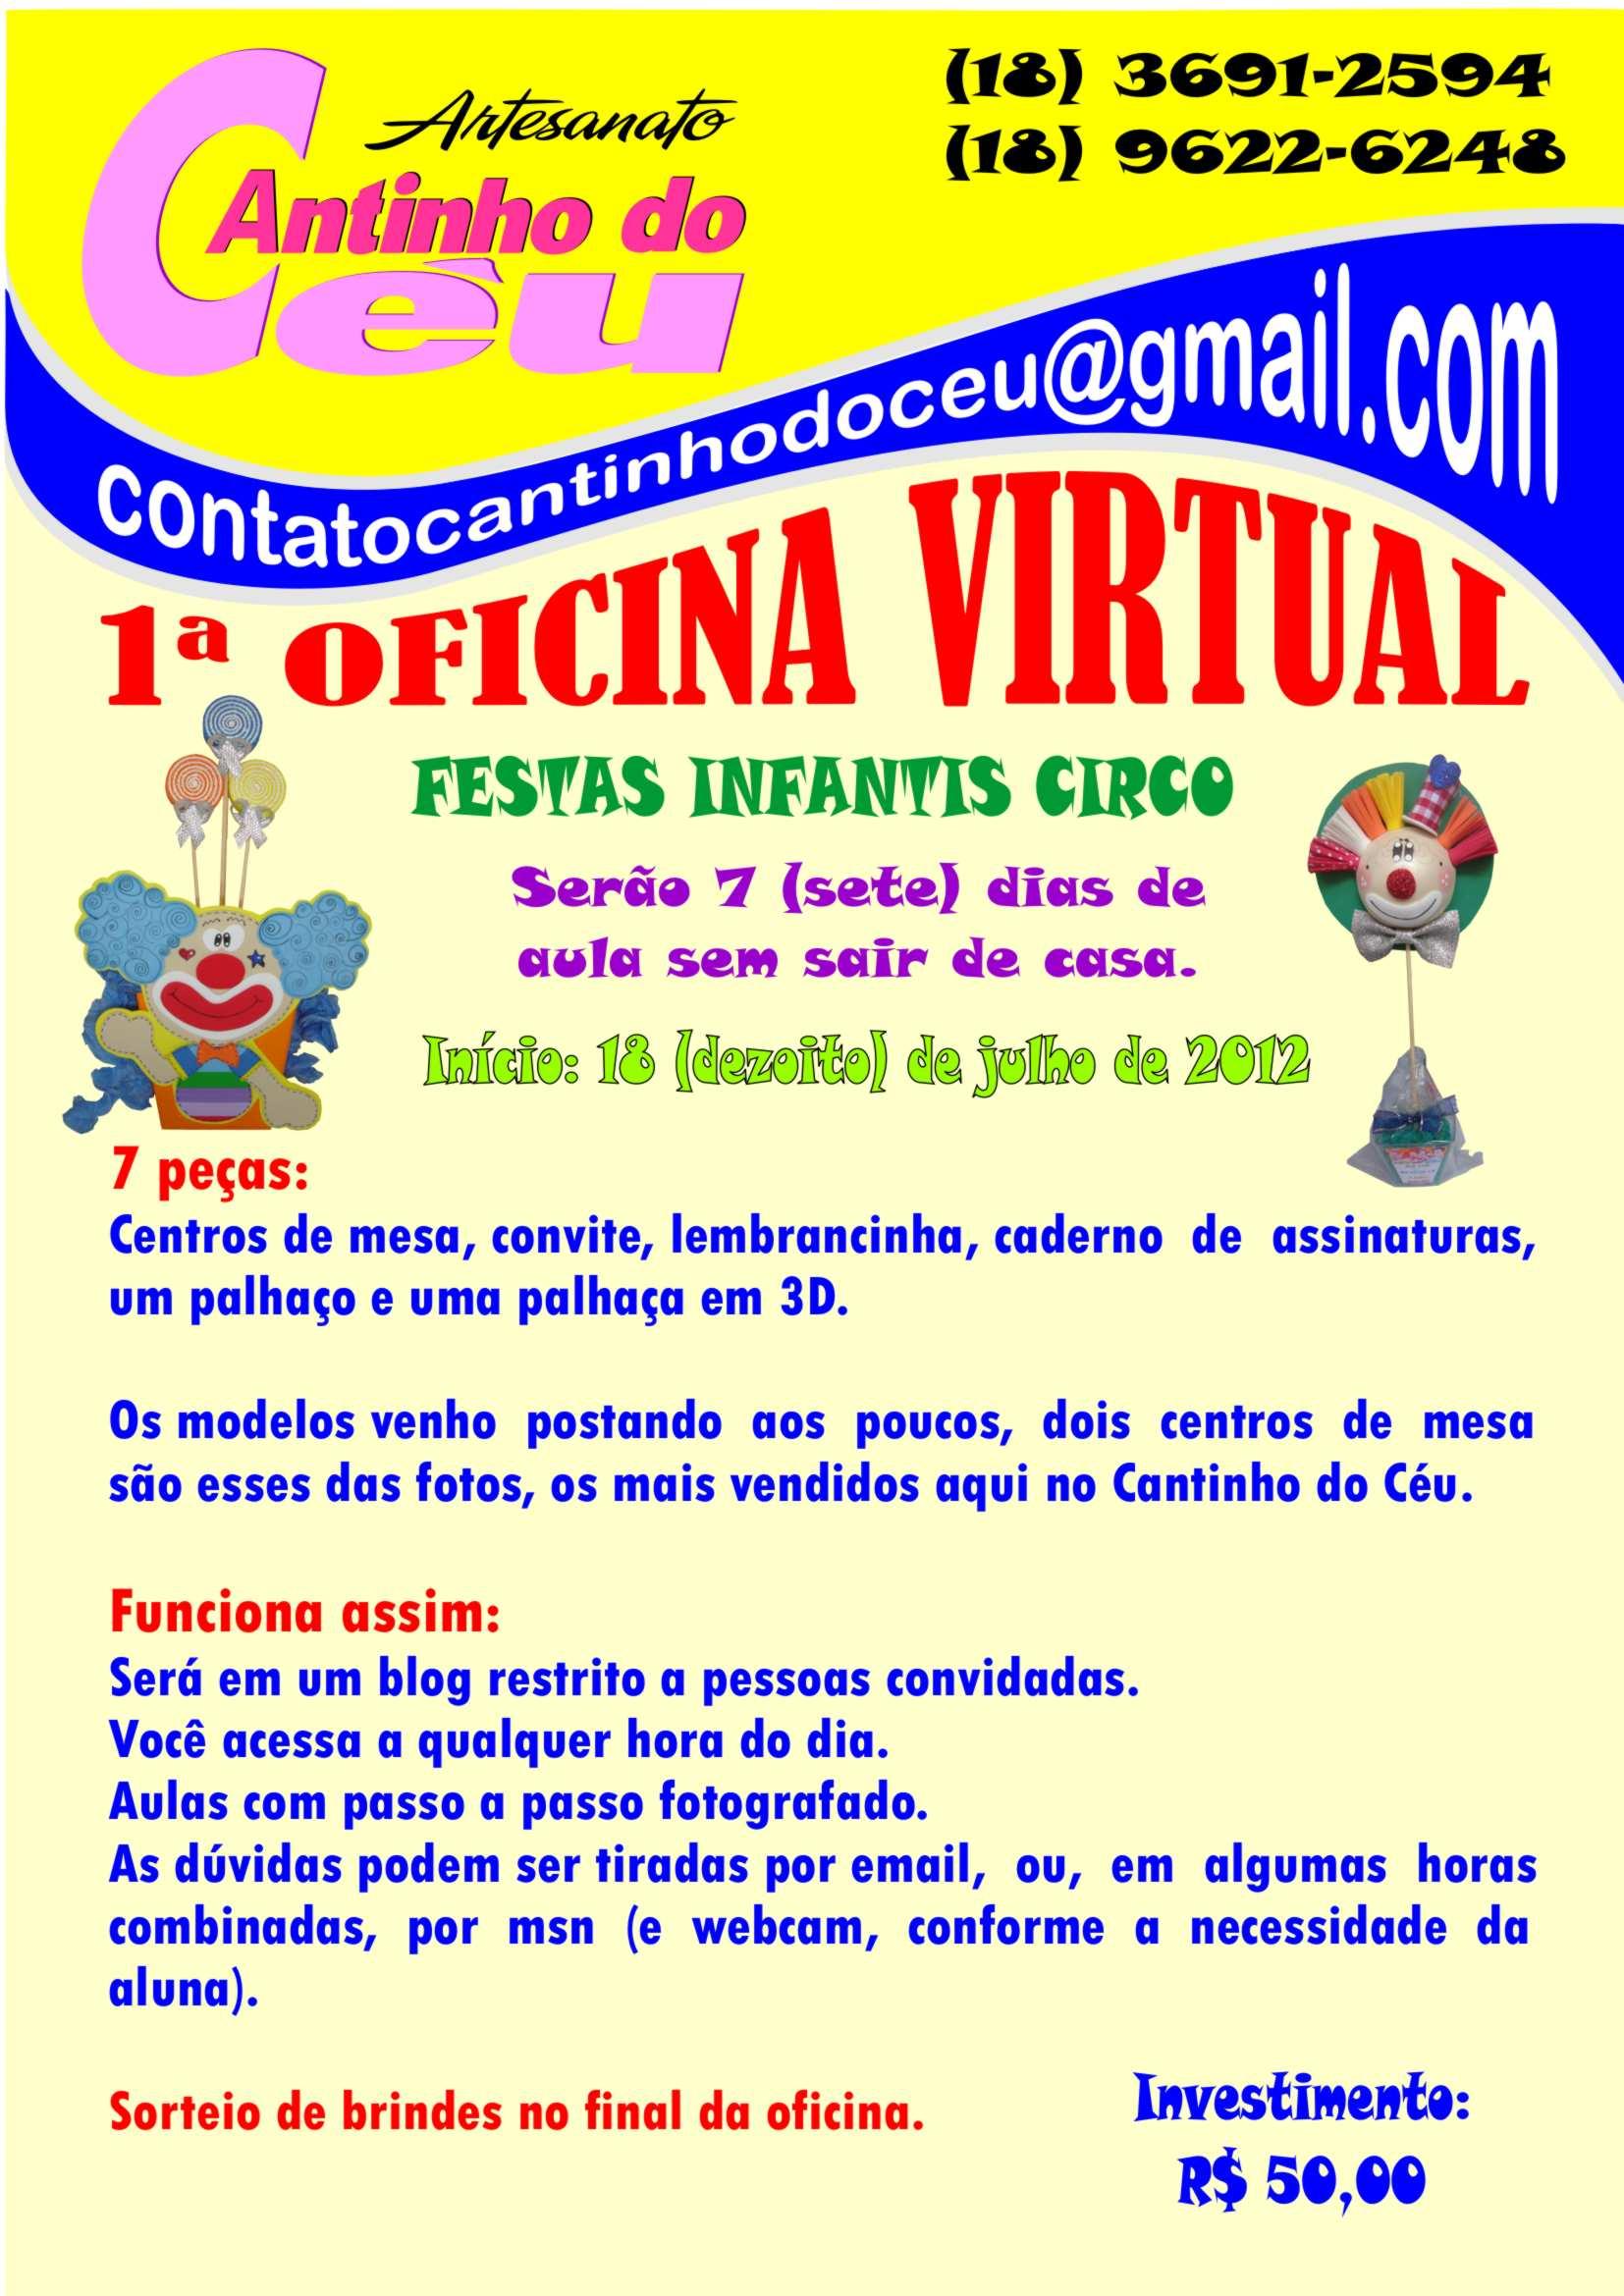 Oficina virtual com o tema festas infantis circo for Inem oficina virtual sellar